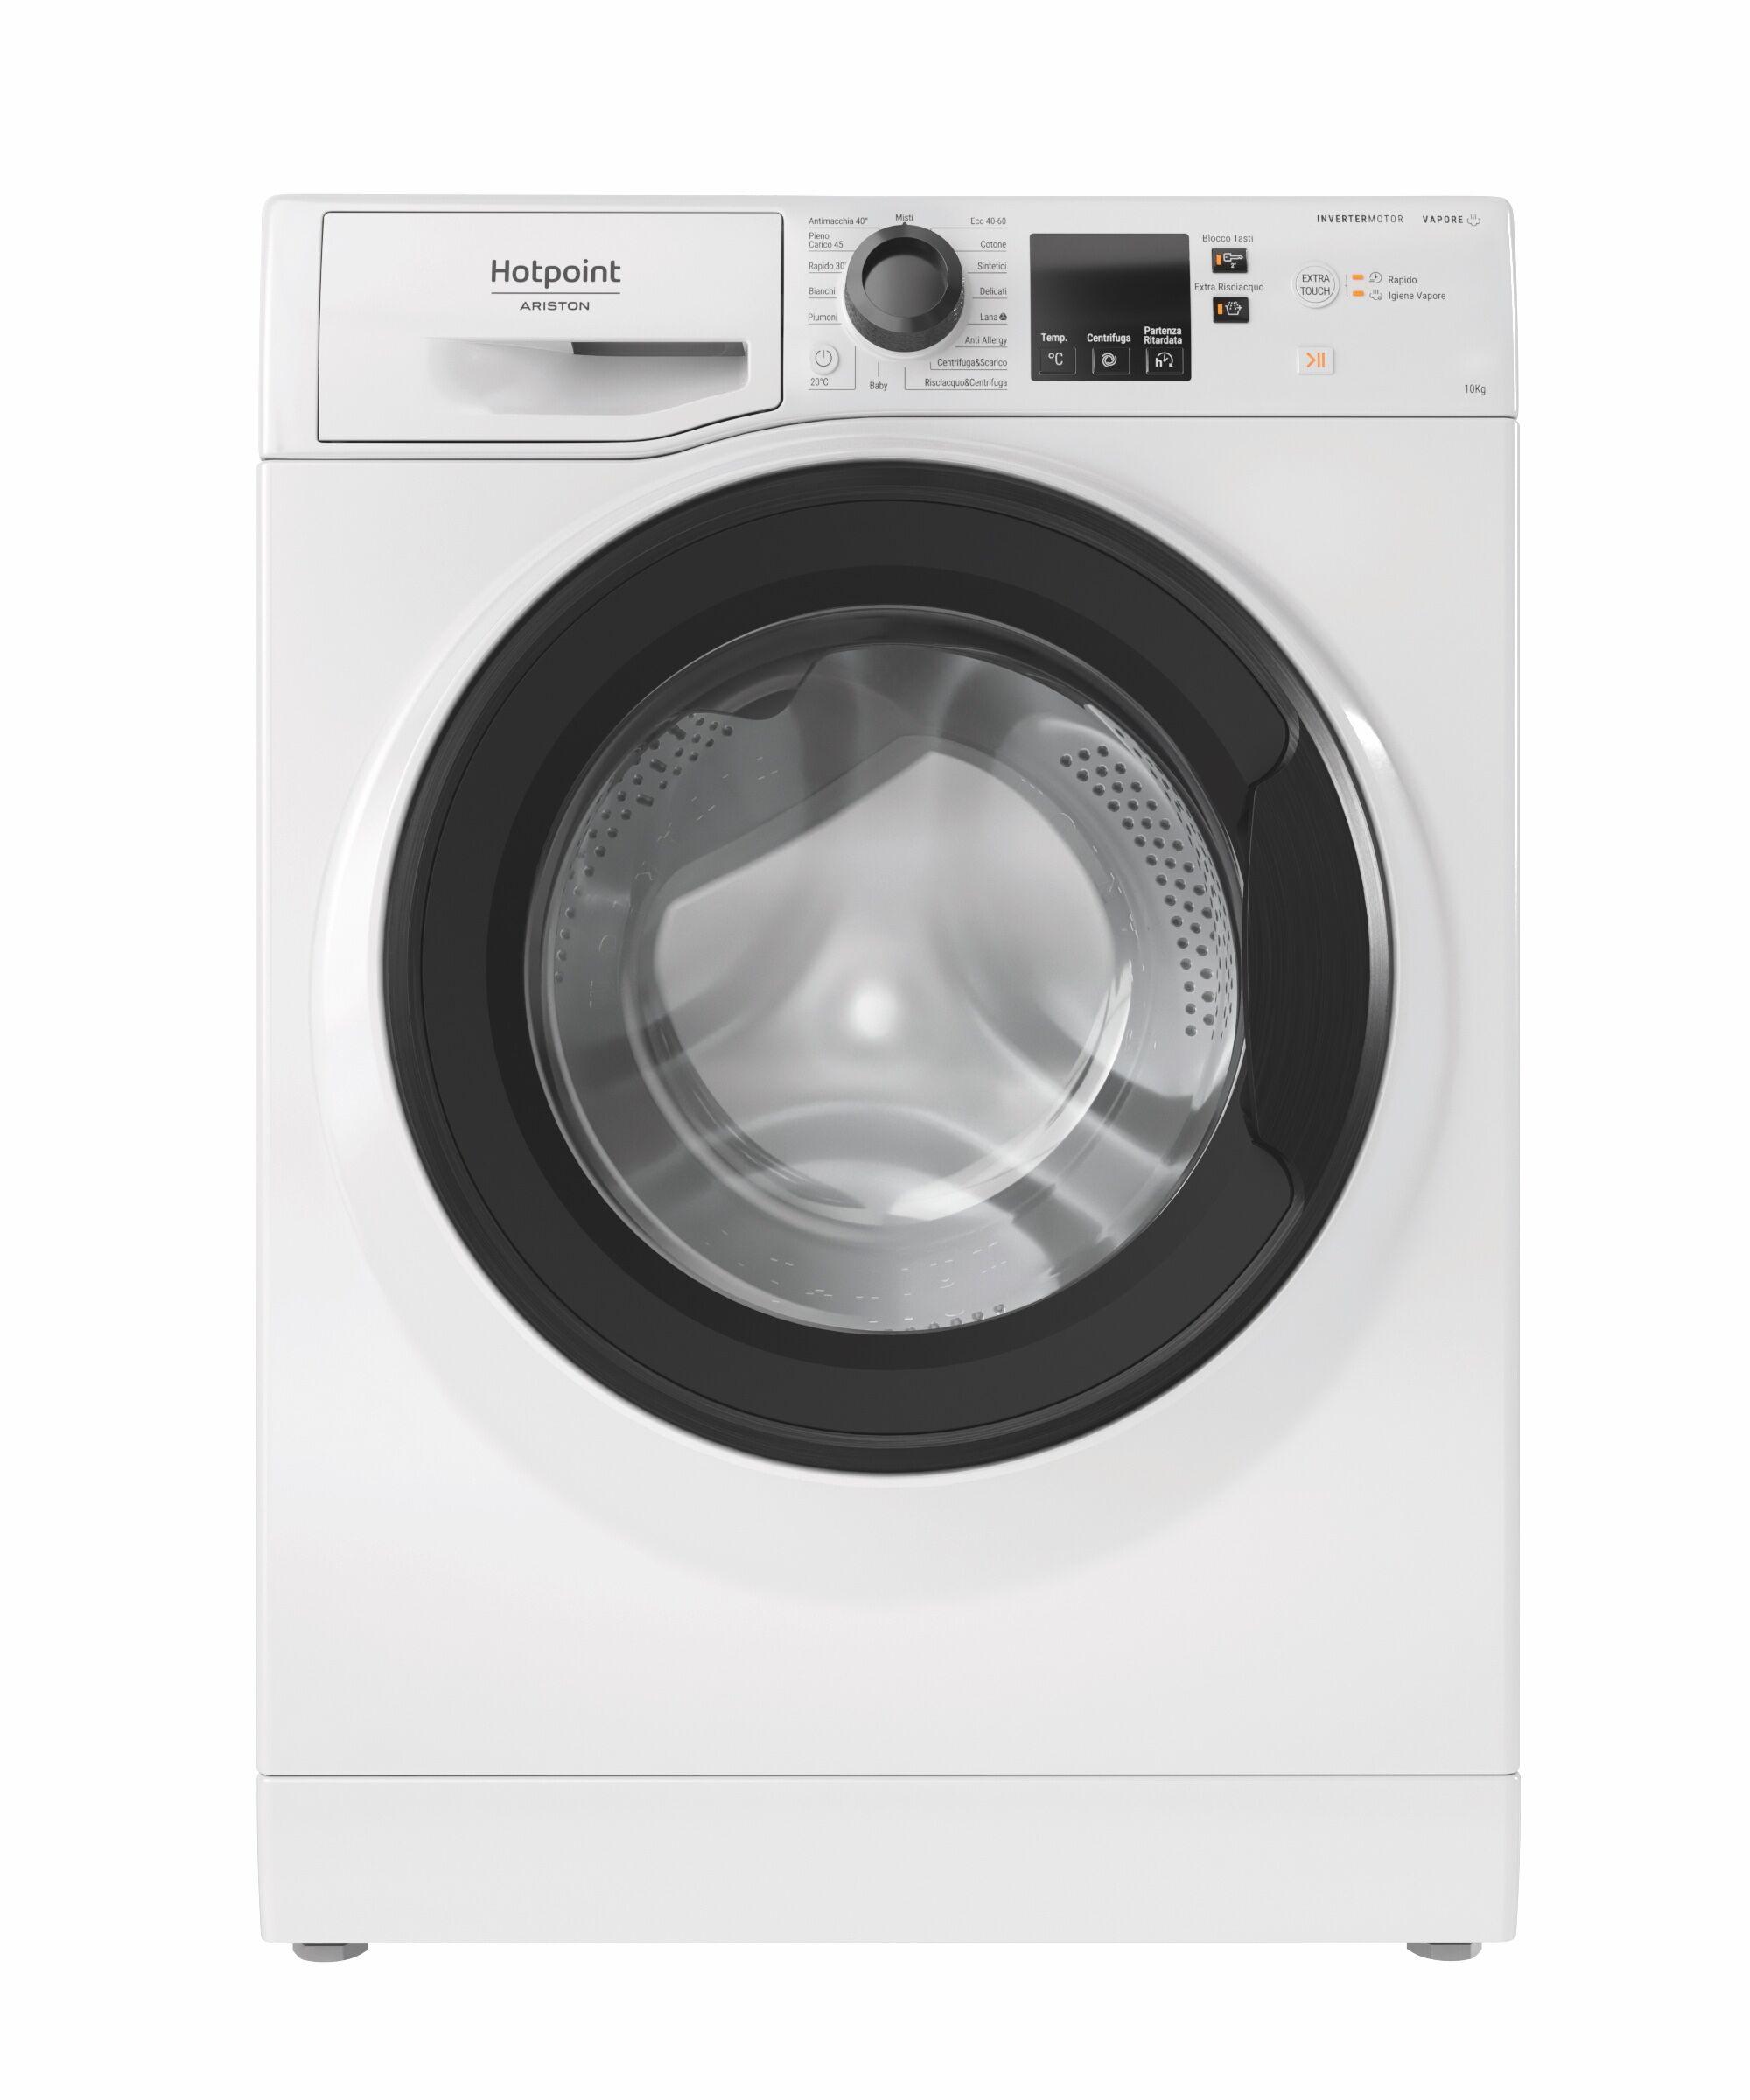 Ariston Hotpoint NF1044WK IT lavatrice Libera installazione Caricamento frontale 10 kg 1400 Giri/min C Bianco